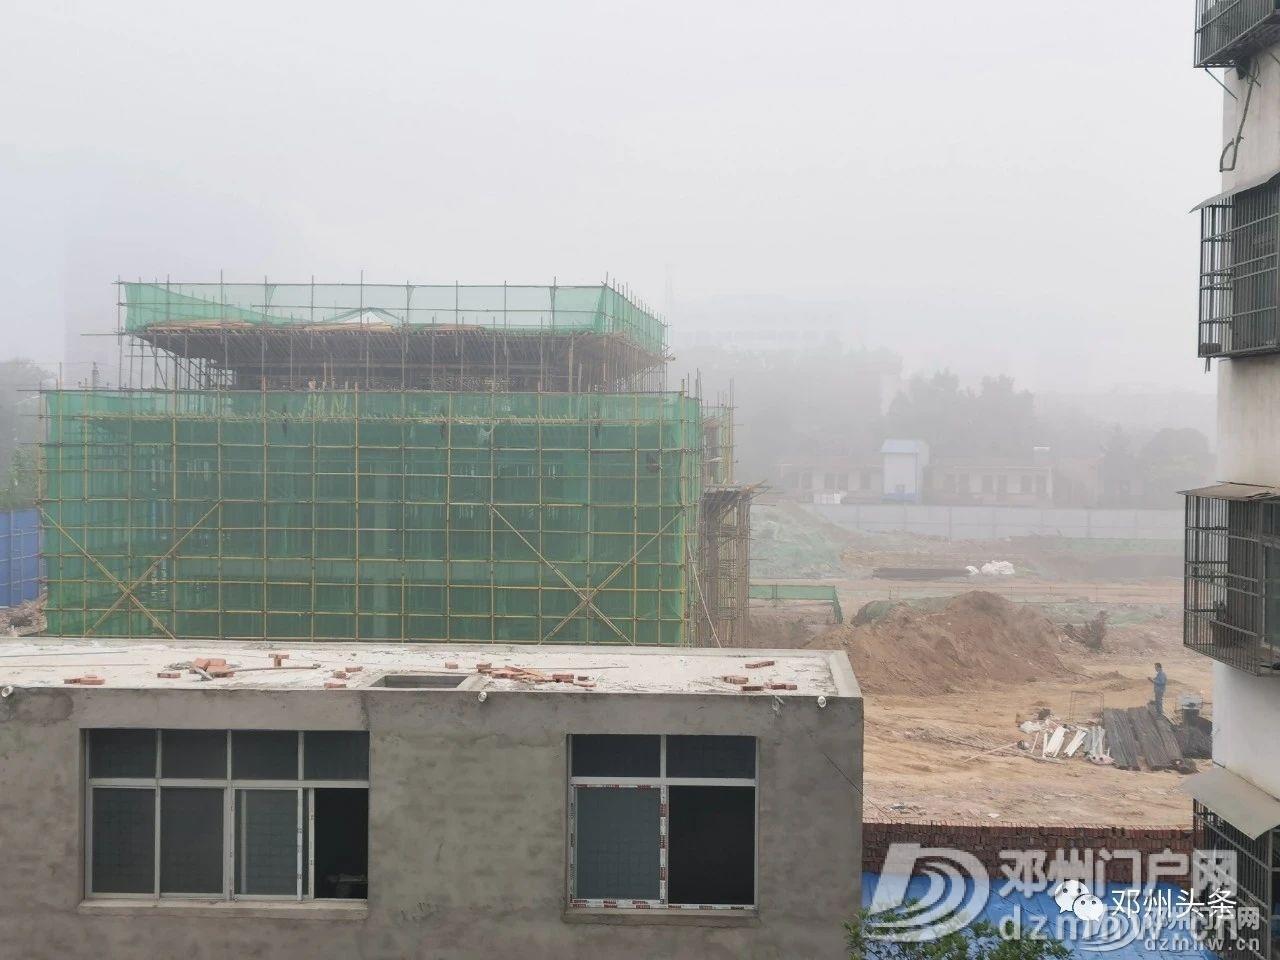 邓州网友反映某楼盘夜间施工扰民,管理后多次反弹 - 邓州门户网|邓州网 - 1f2b376af3af35479d2cf2a479af0350.jpg